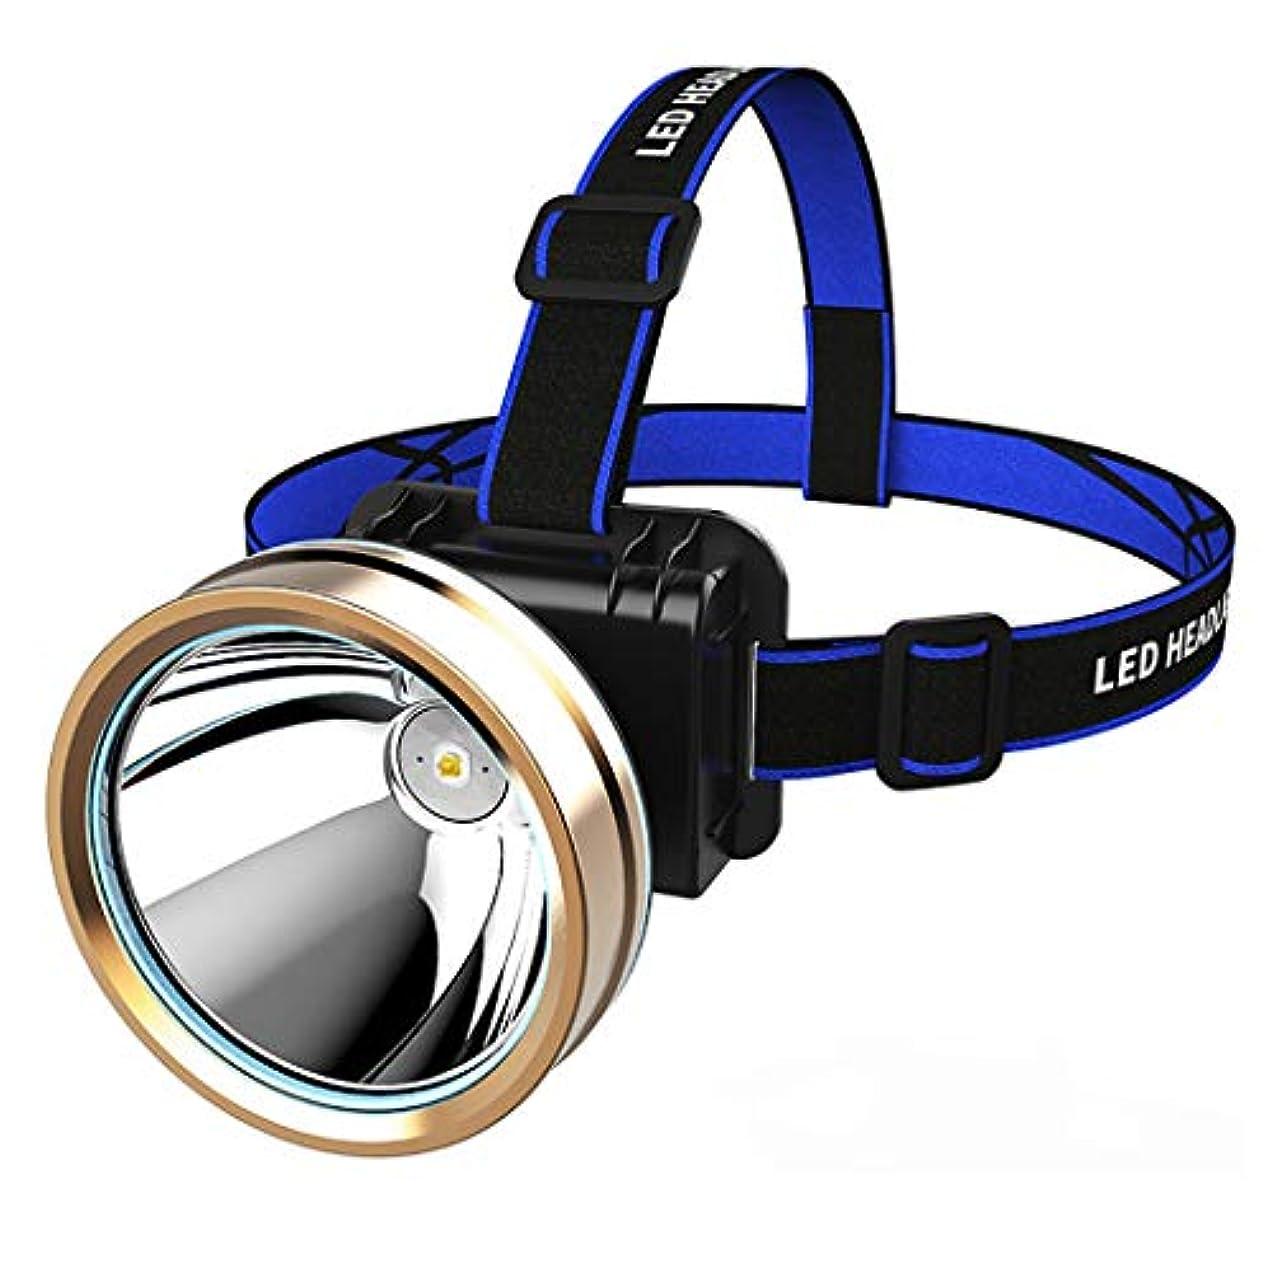 付属品上がるプロフェッショナルHSBAIS LED ヘッドライト ヘッドランプ、USB 充電式、センサー 高輝度 防水 軽量 ヘルメットライト、こども,black